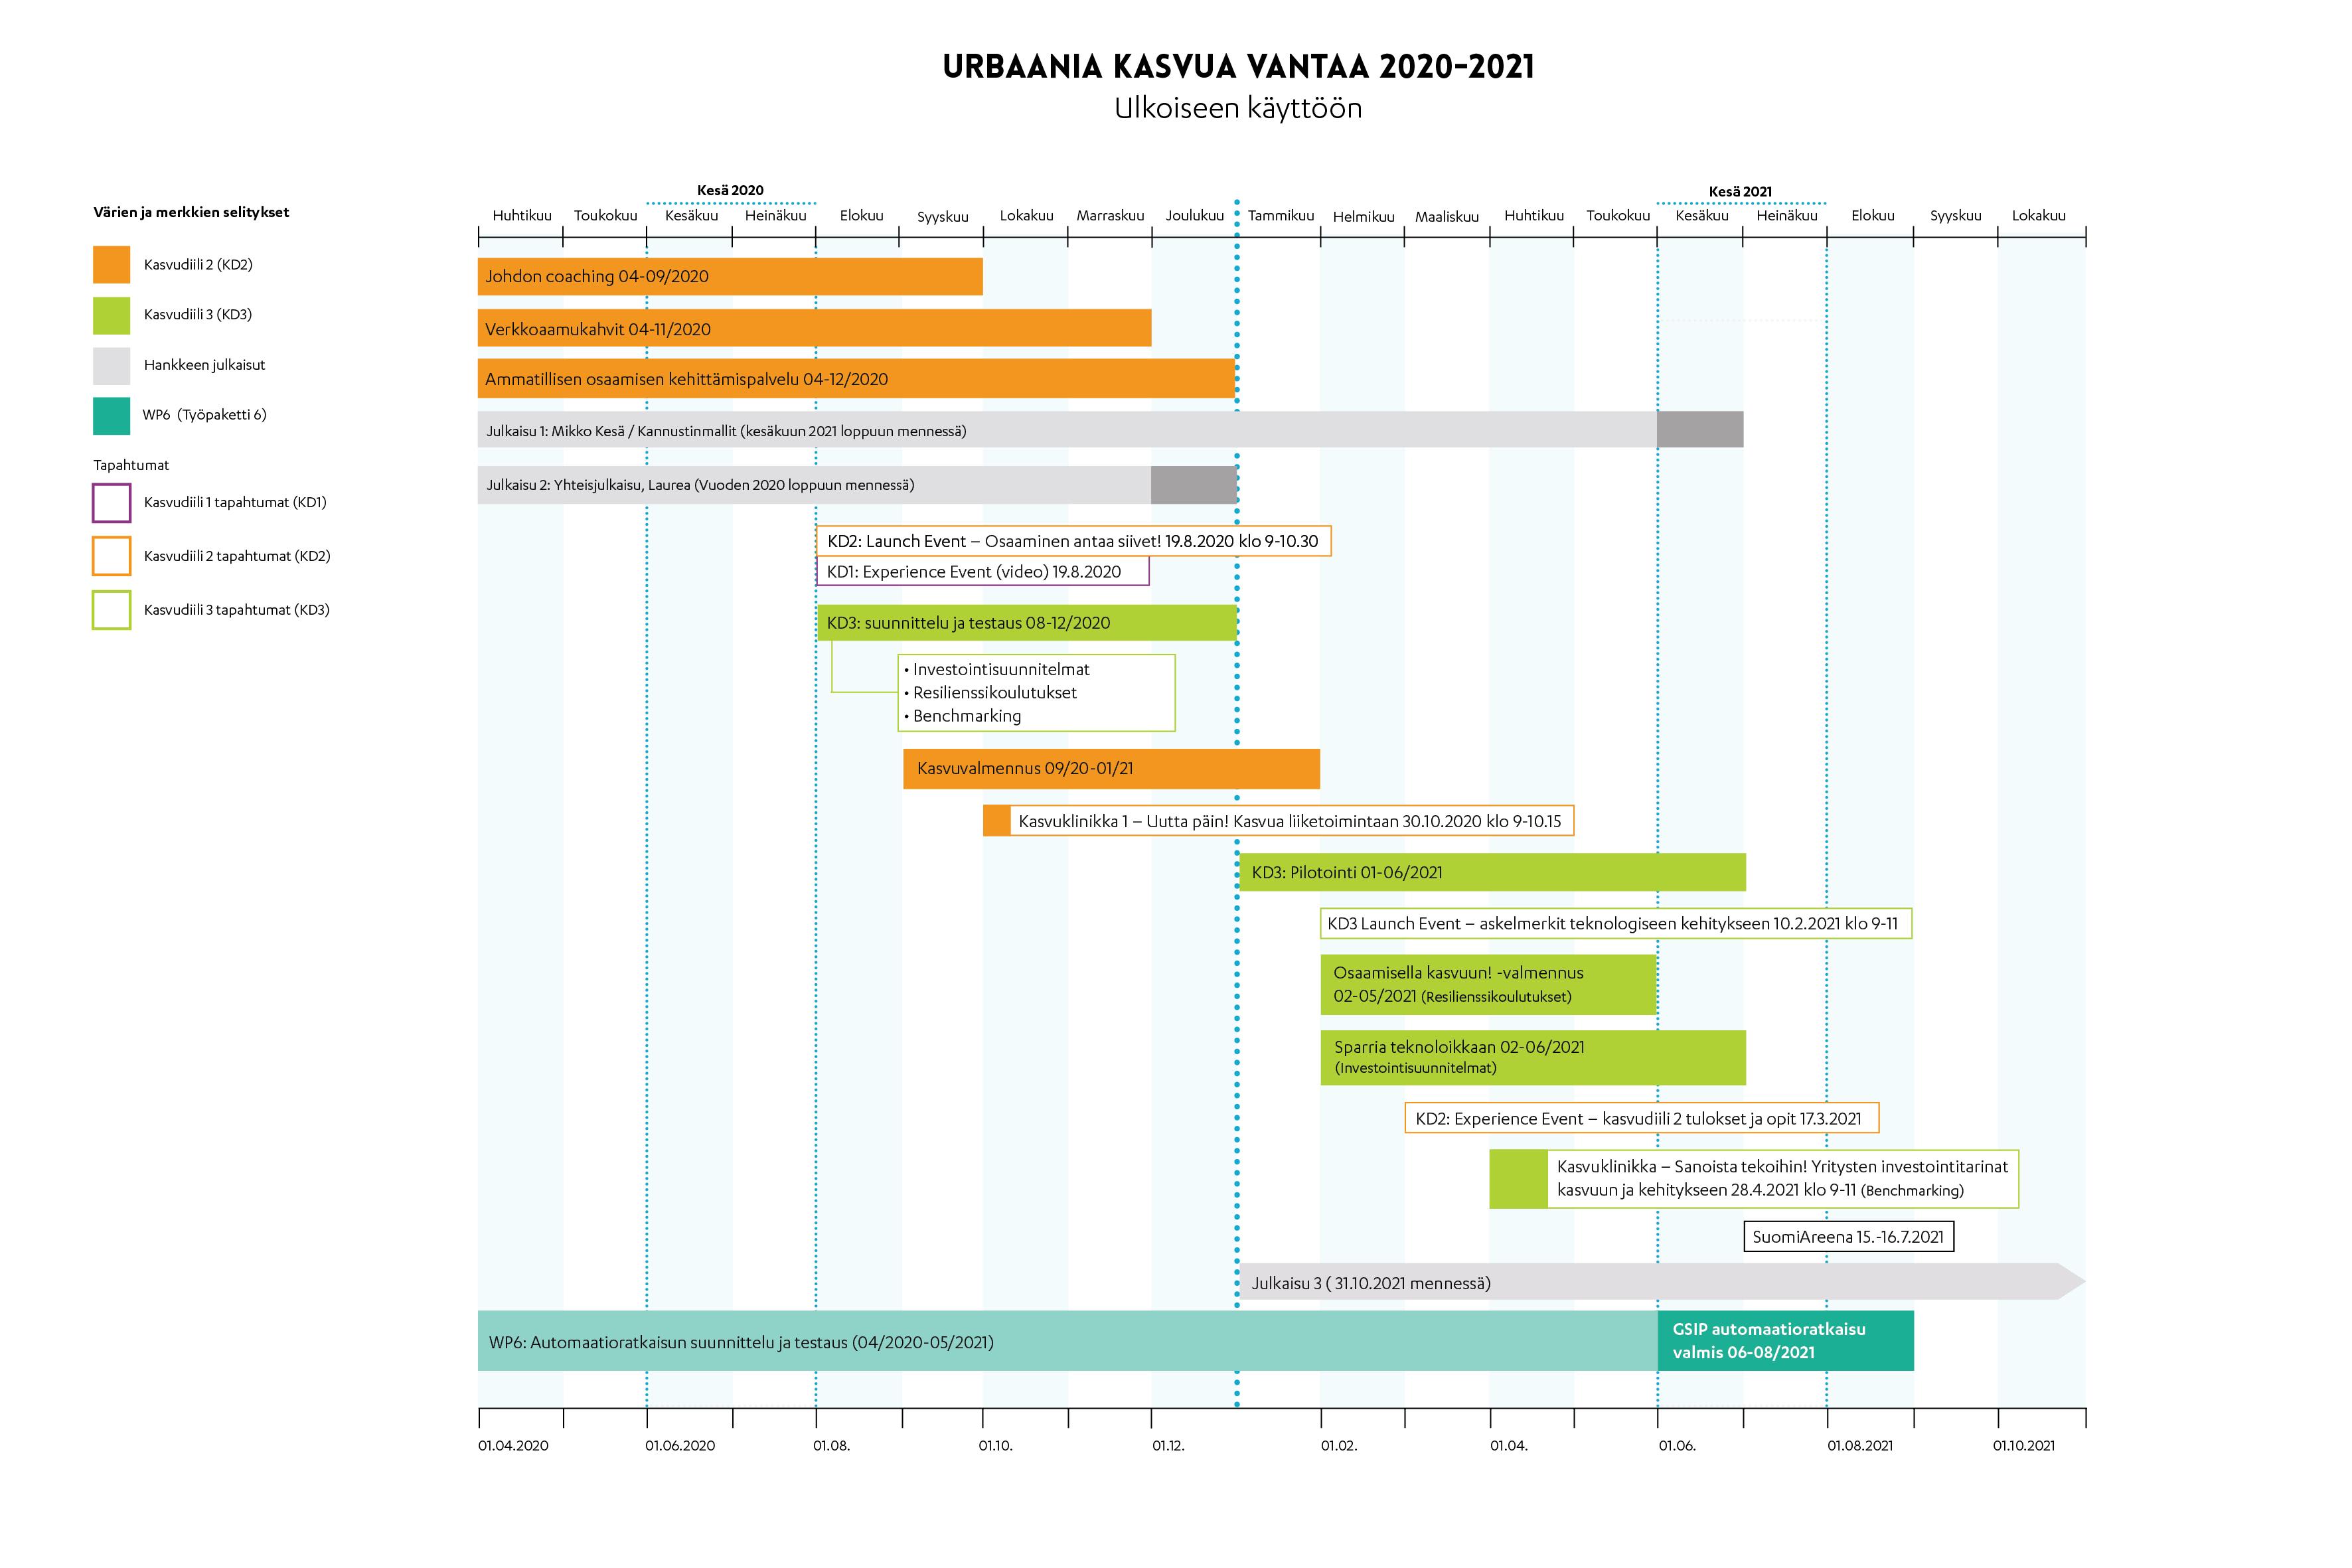 Hankkeen palvelut aikajanalla 2020-2021